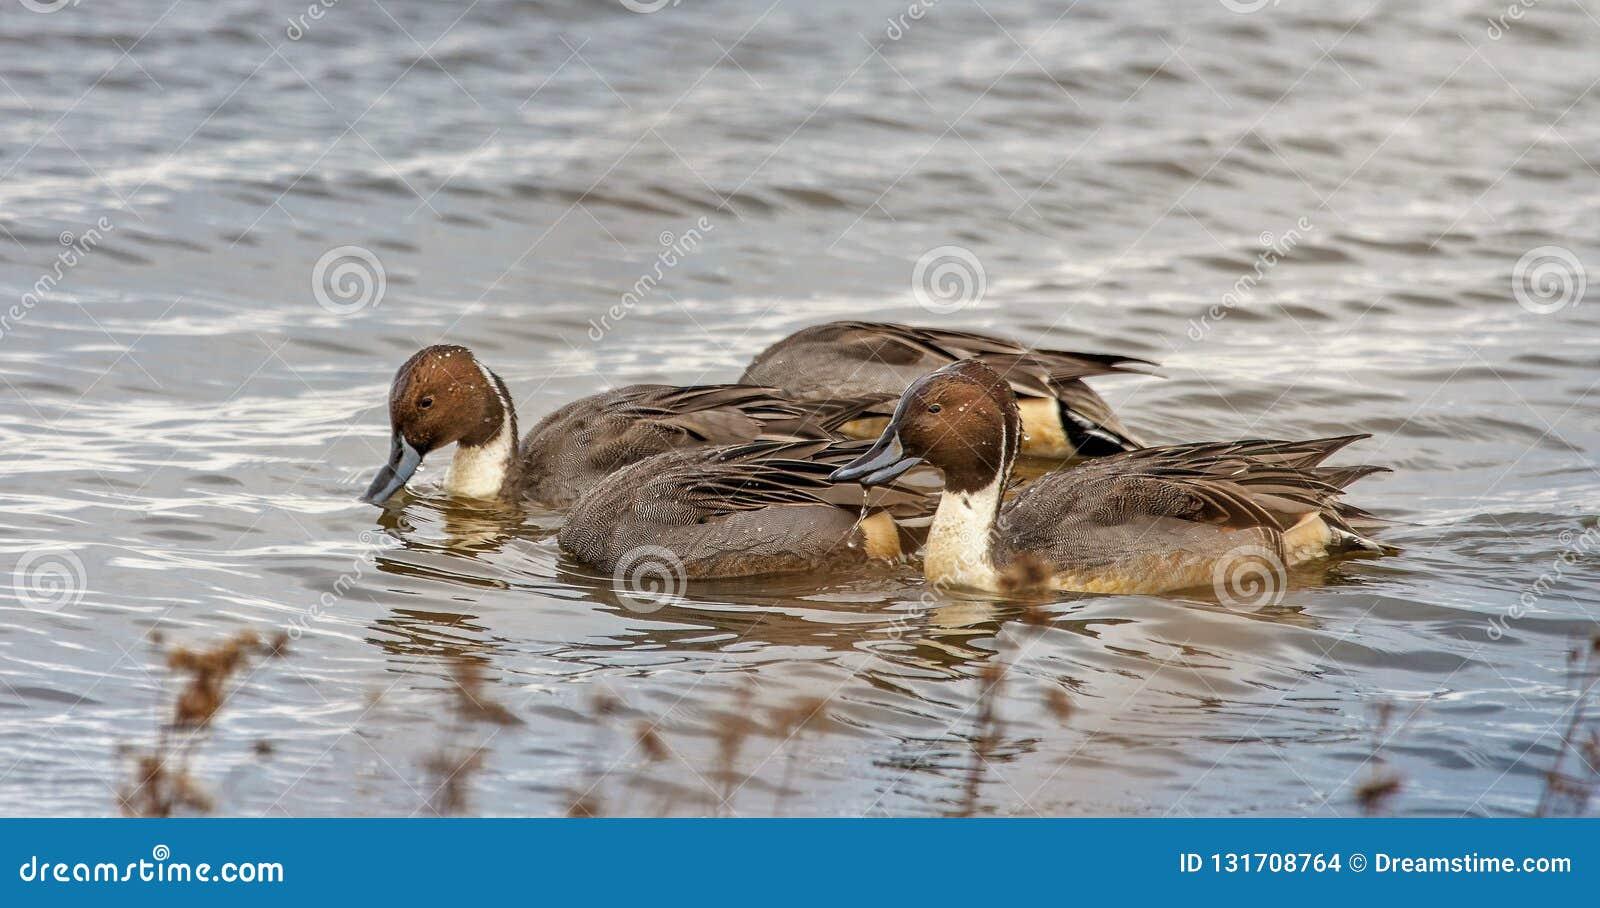 Nordspießenten-Enten unter Wasser